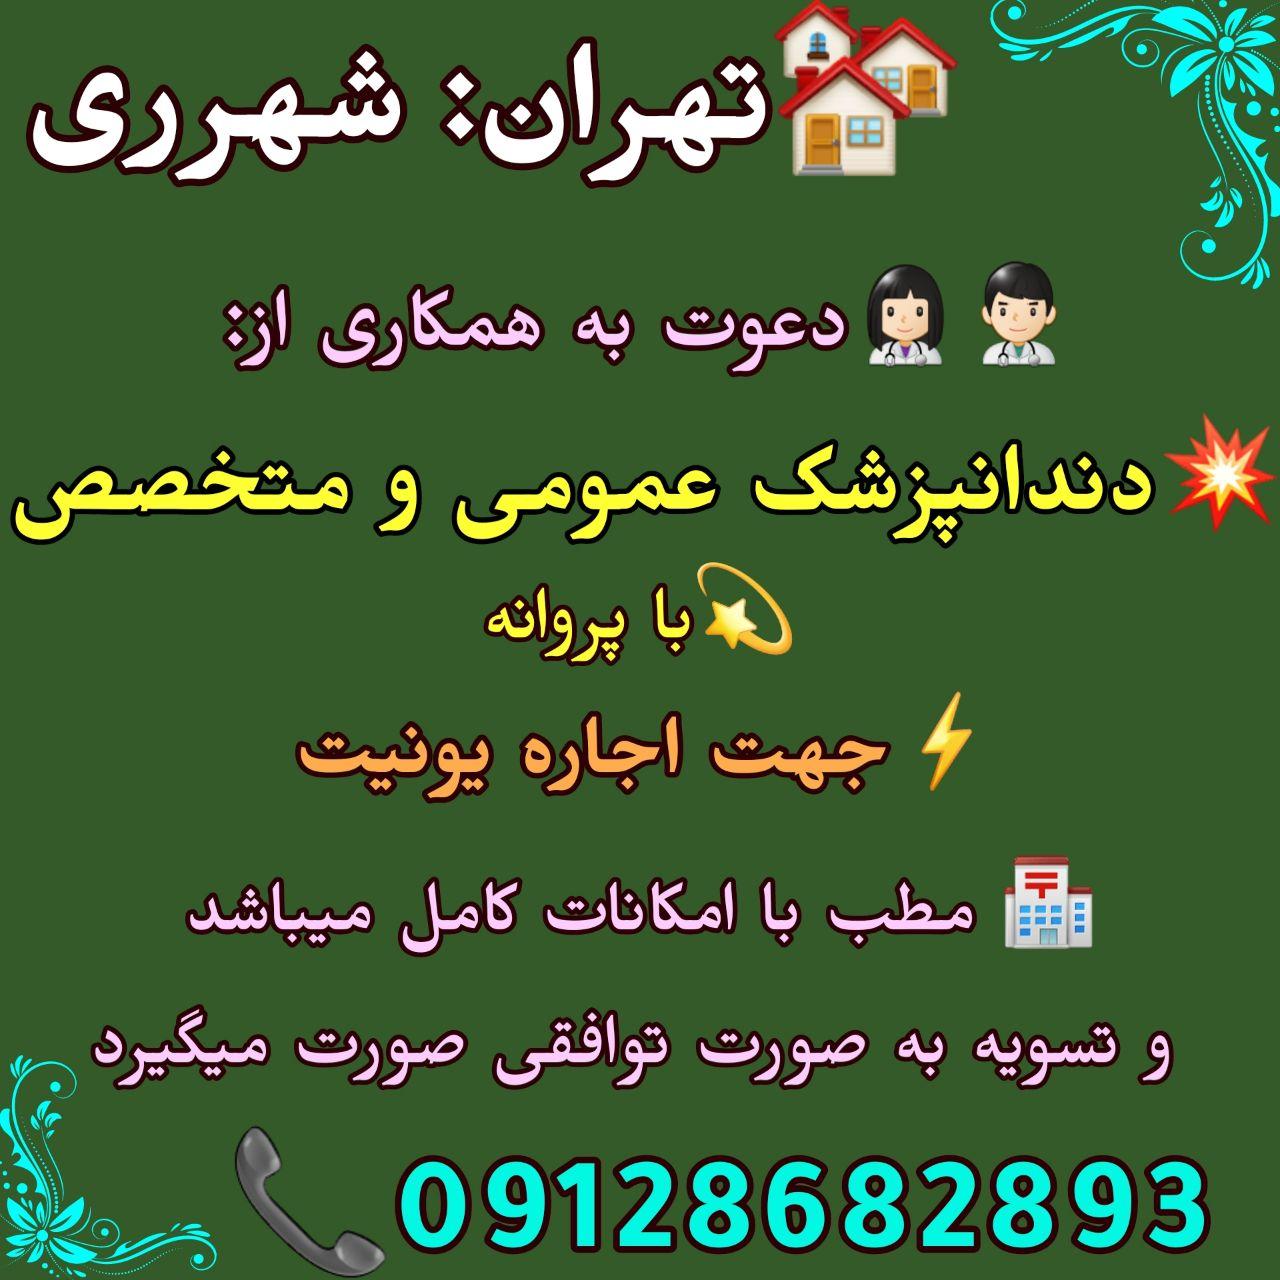 تهران: شهرری